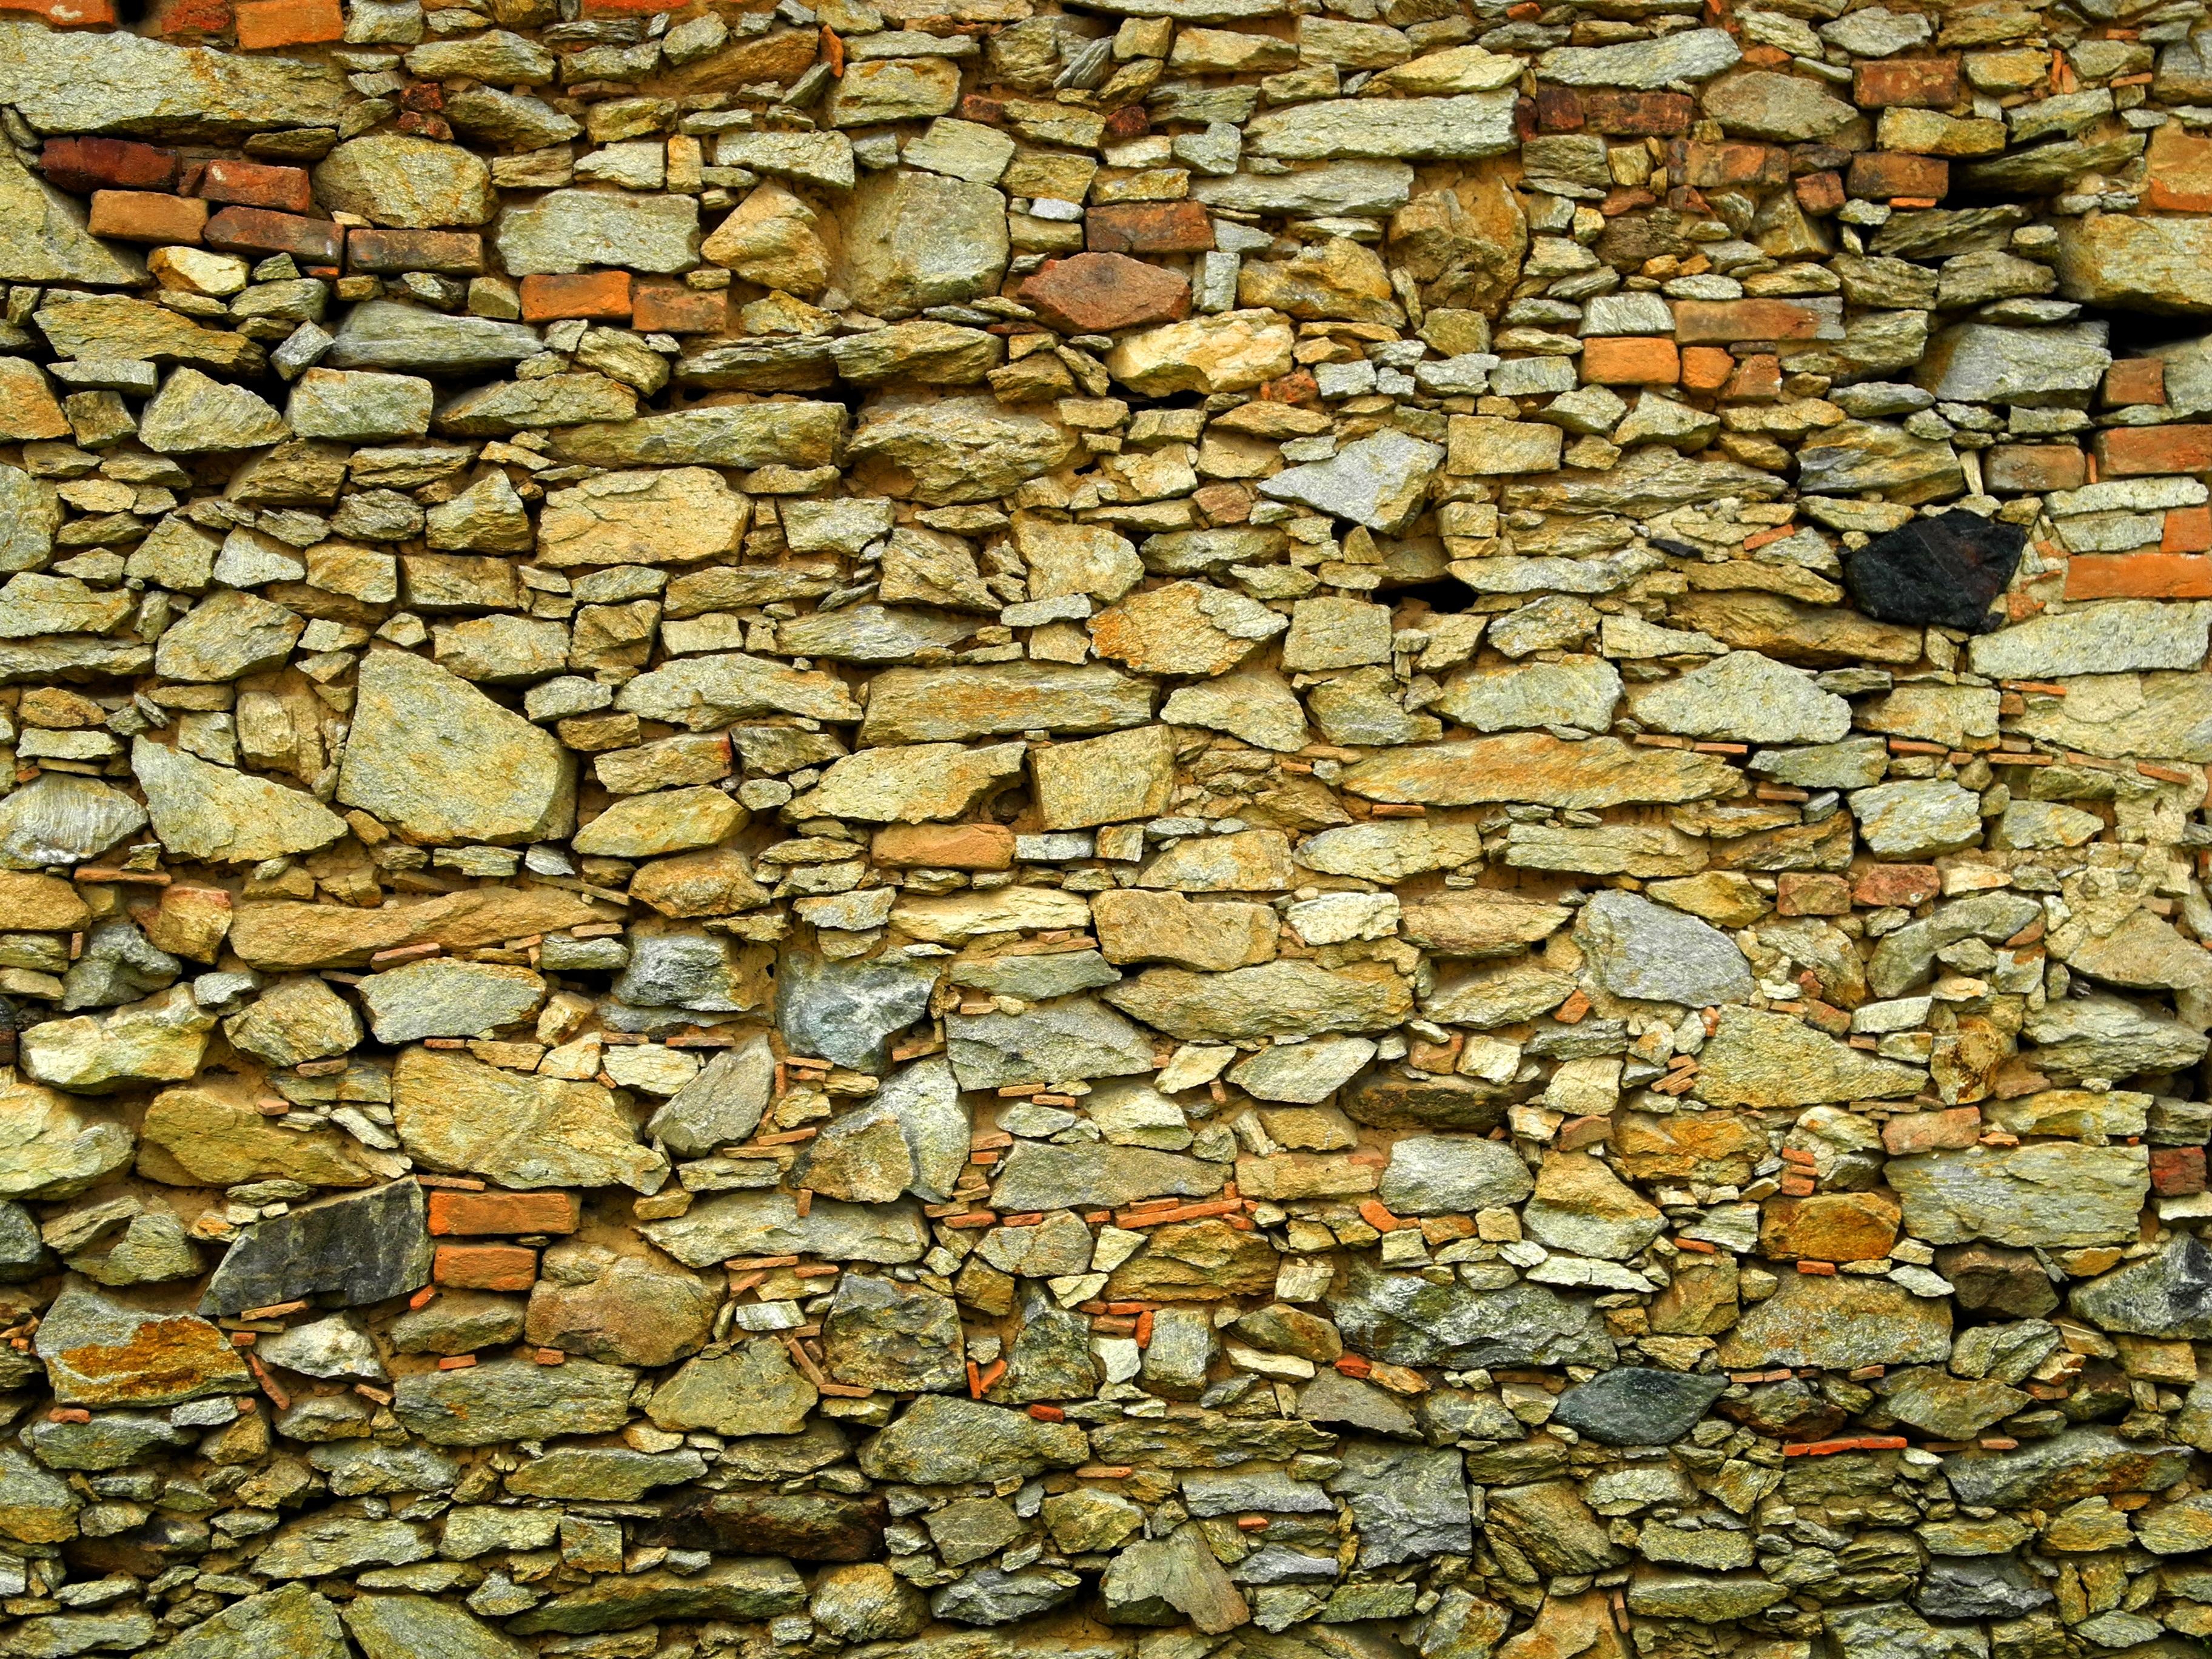 картинки старых камней покупке